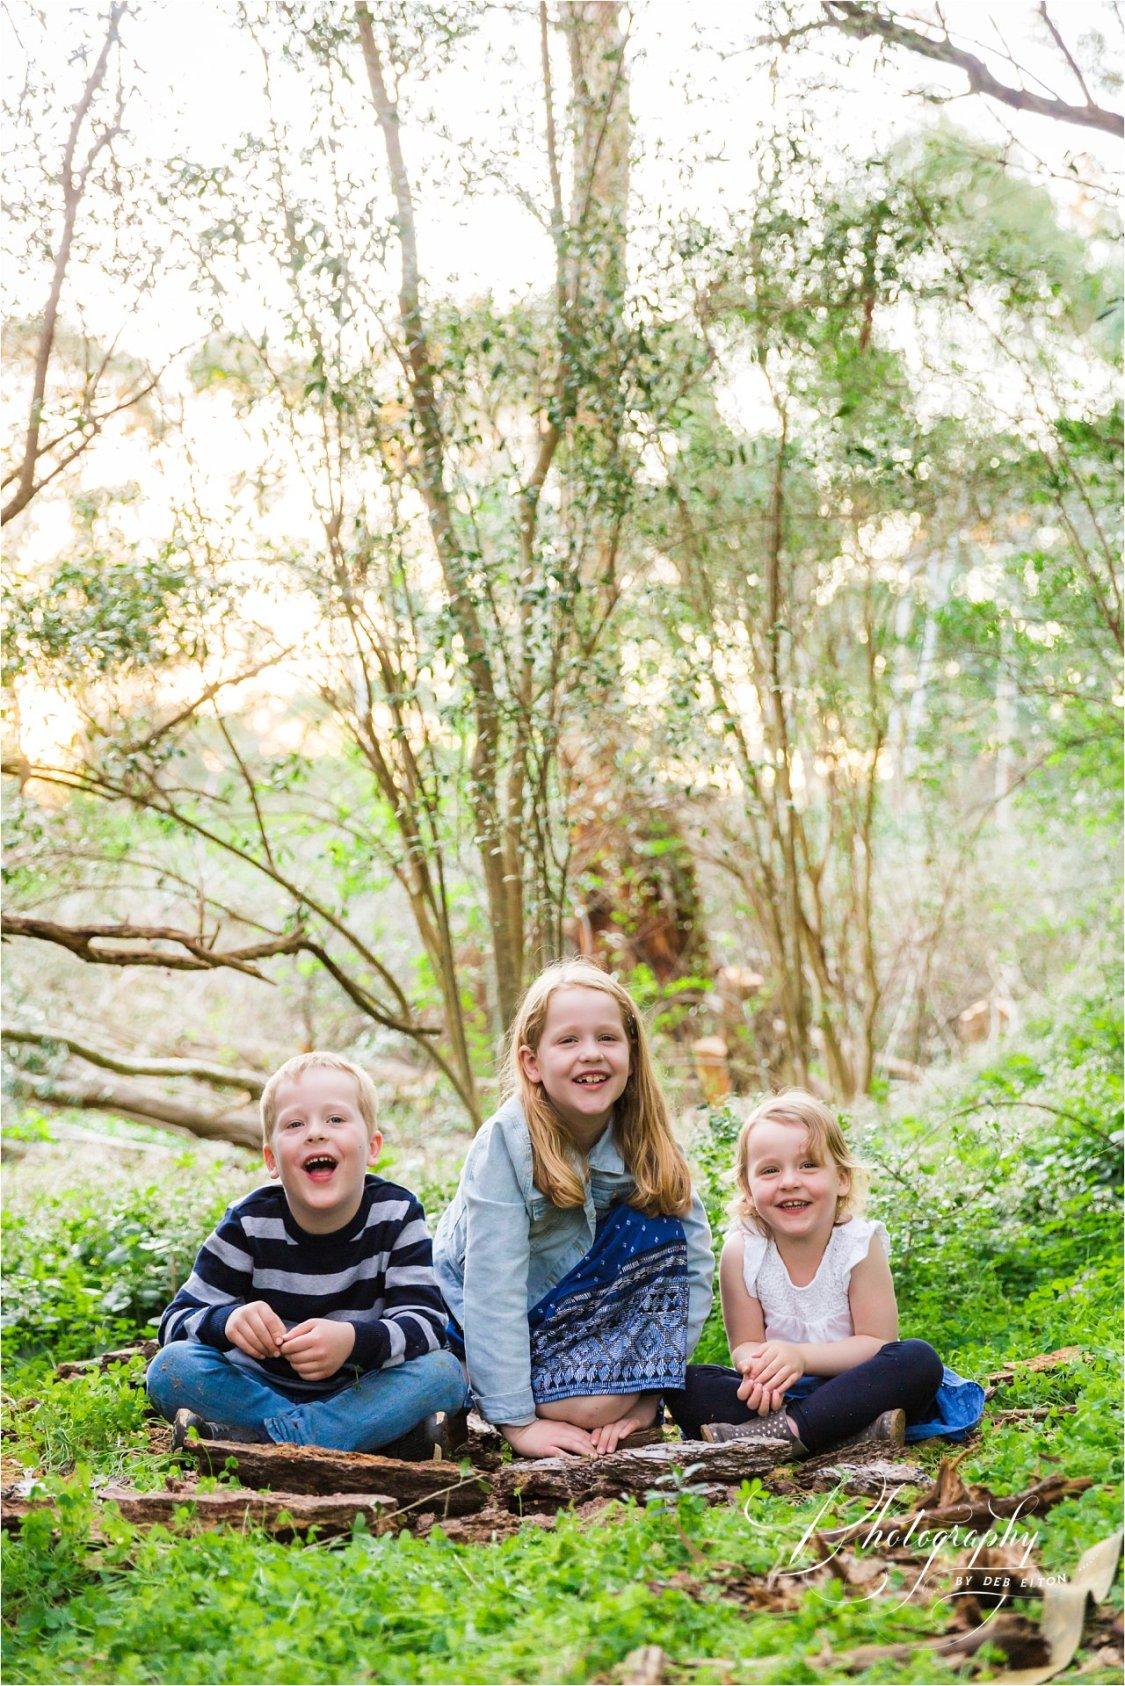 wadefamily-53.jpg